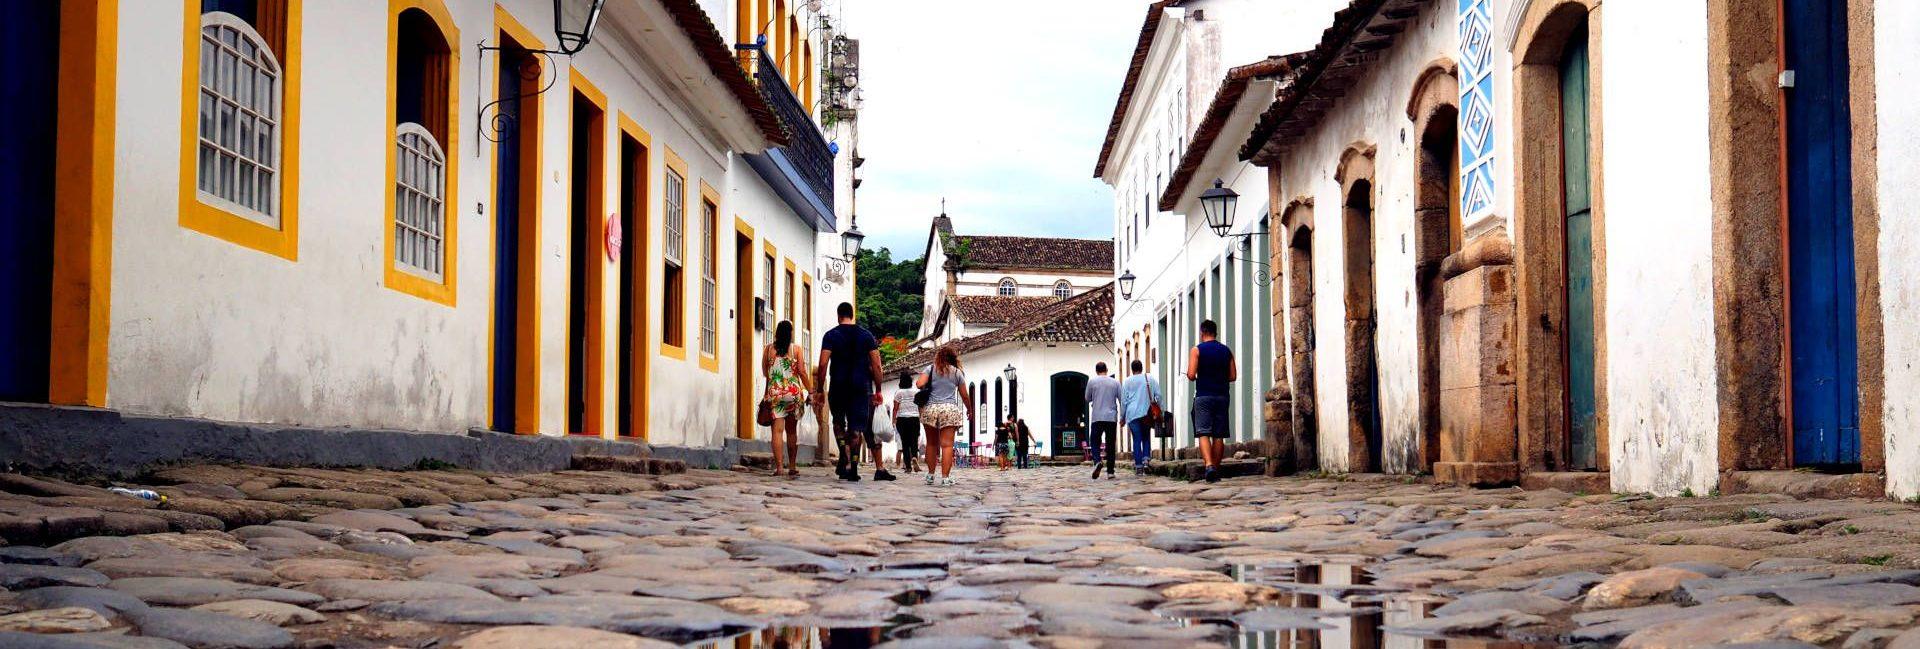 calle y reflejos en Paraty